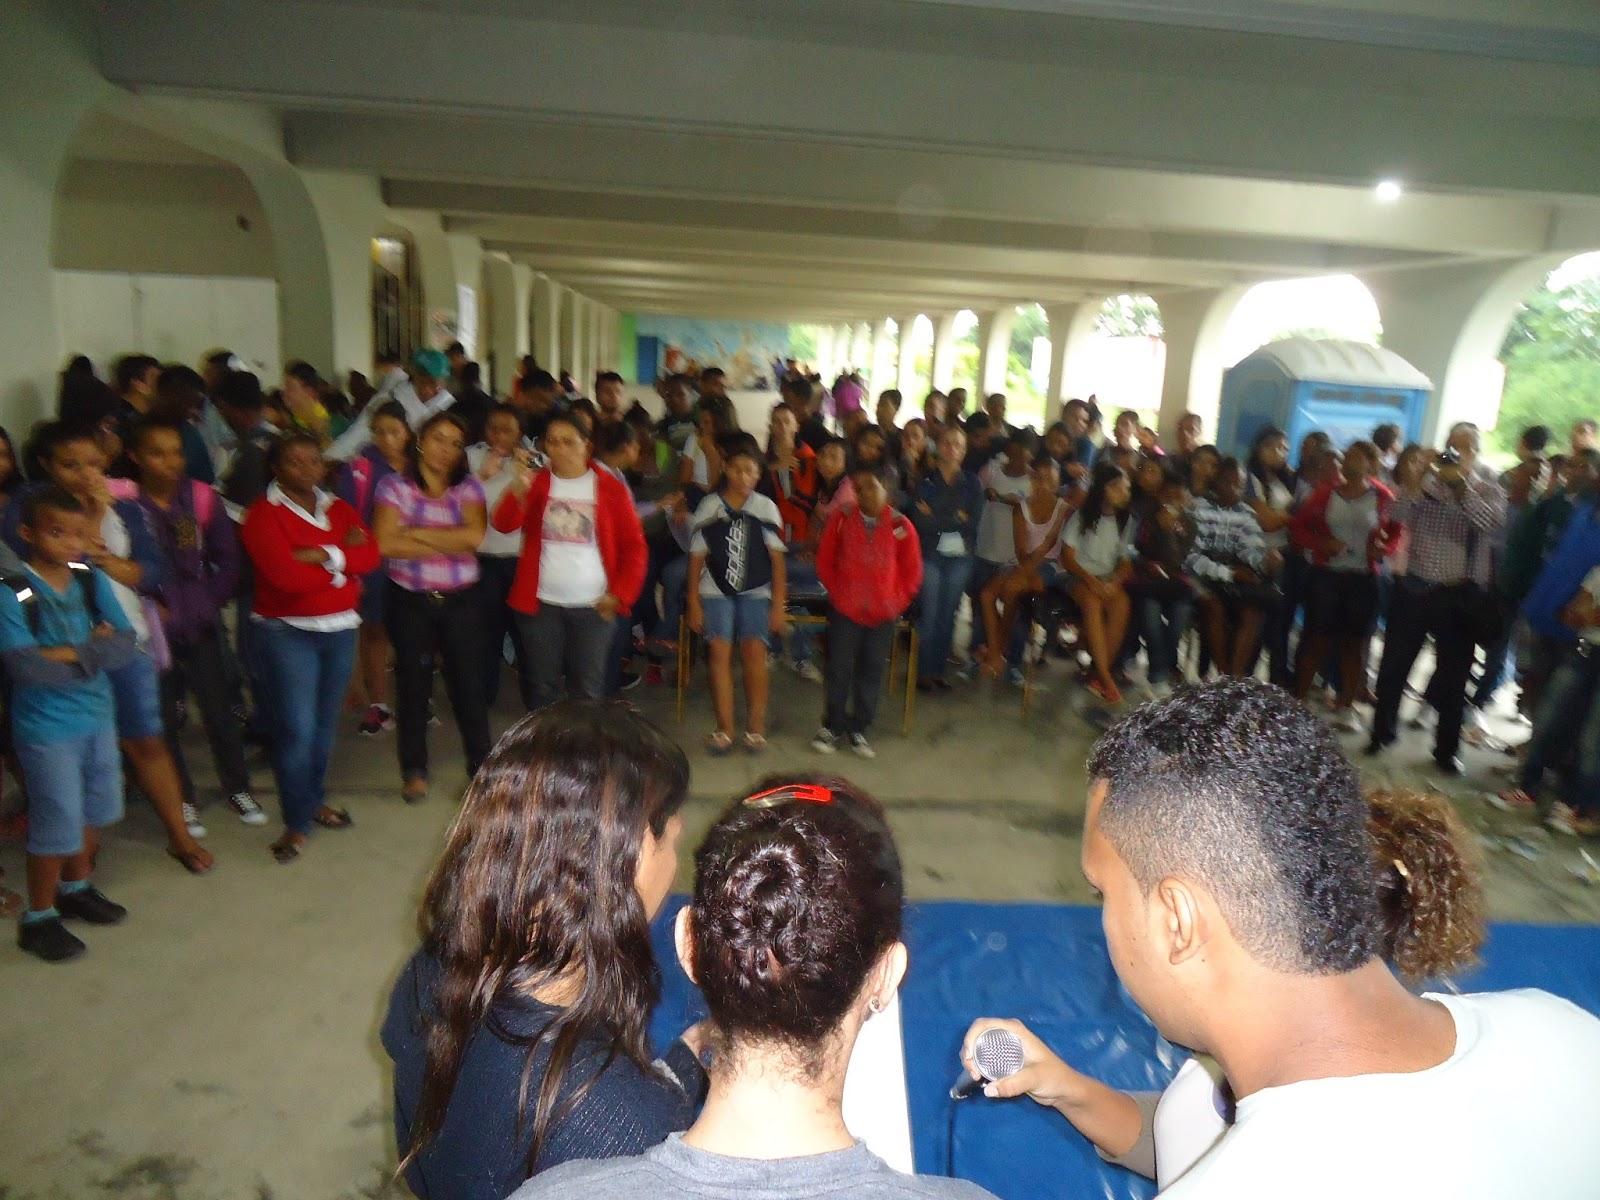 NO CIEP 424 PEDRO AMORIM: DIVERSÃO DE MÃOS DADAS COM A EDUCAÇÃO #2C6091 1600 1200